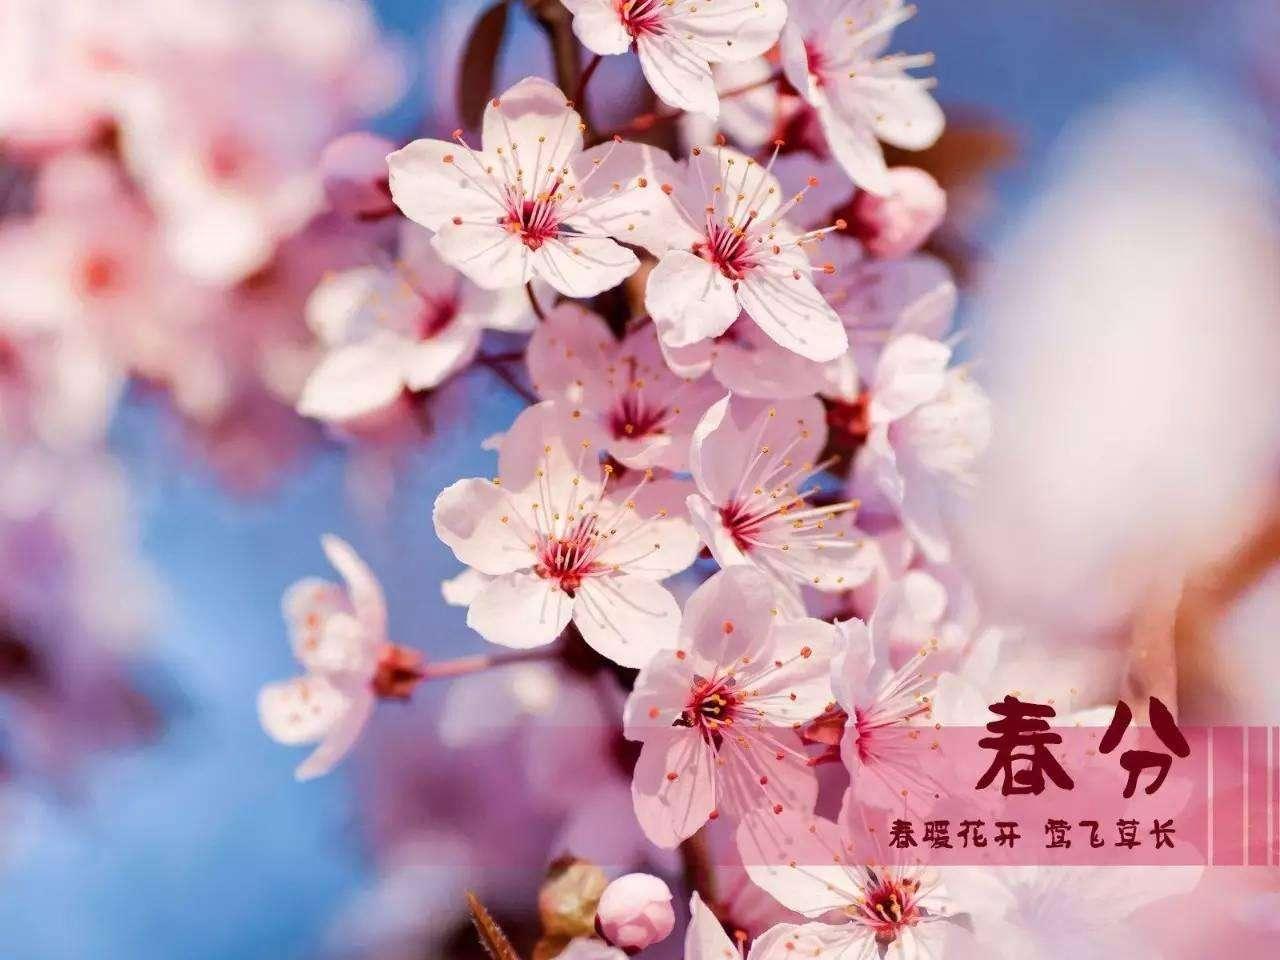 2019春分节气养生祝福语发朋友圈的暖心问候说说大全